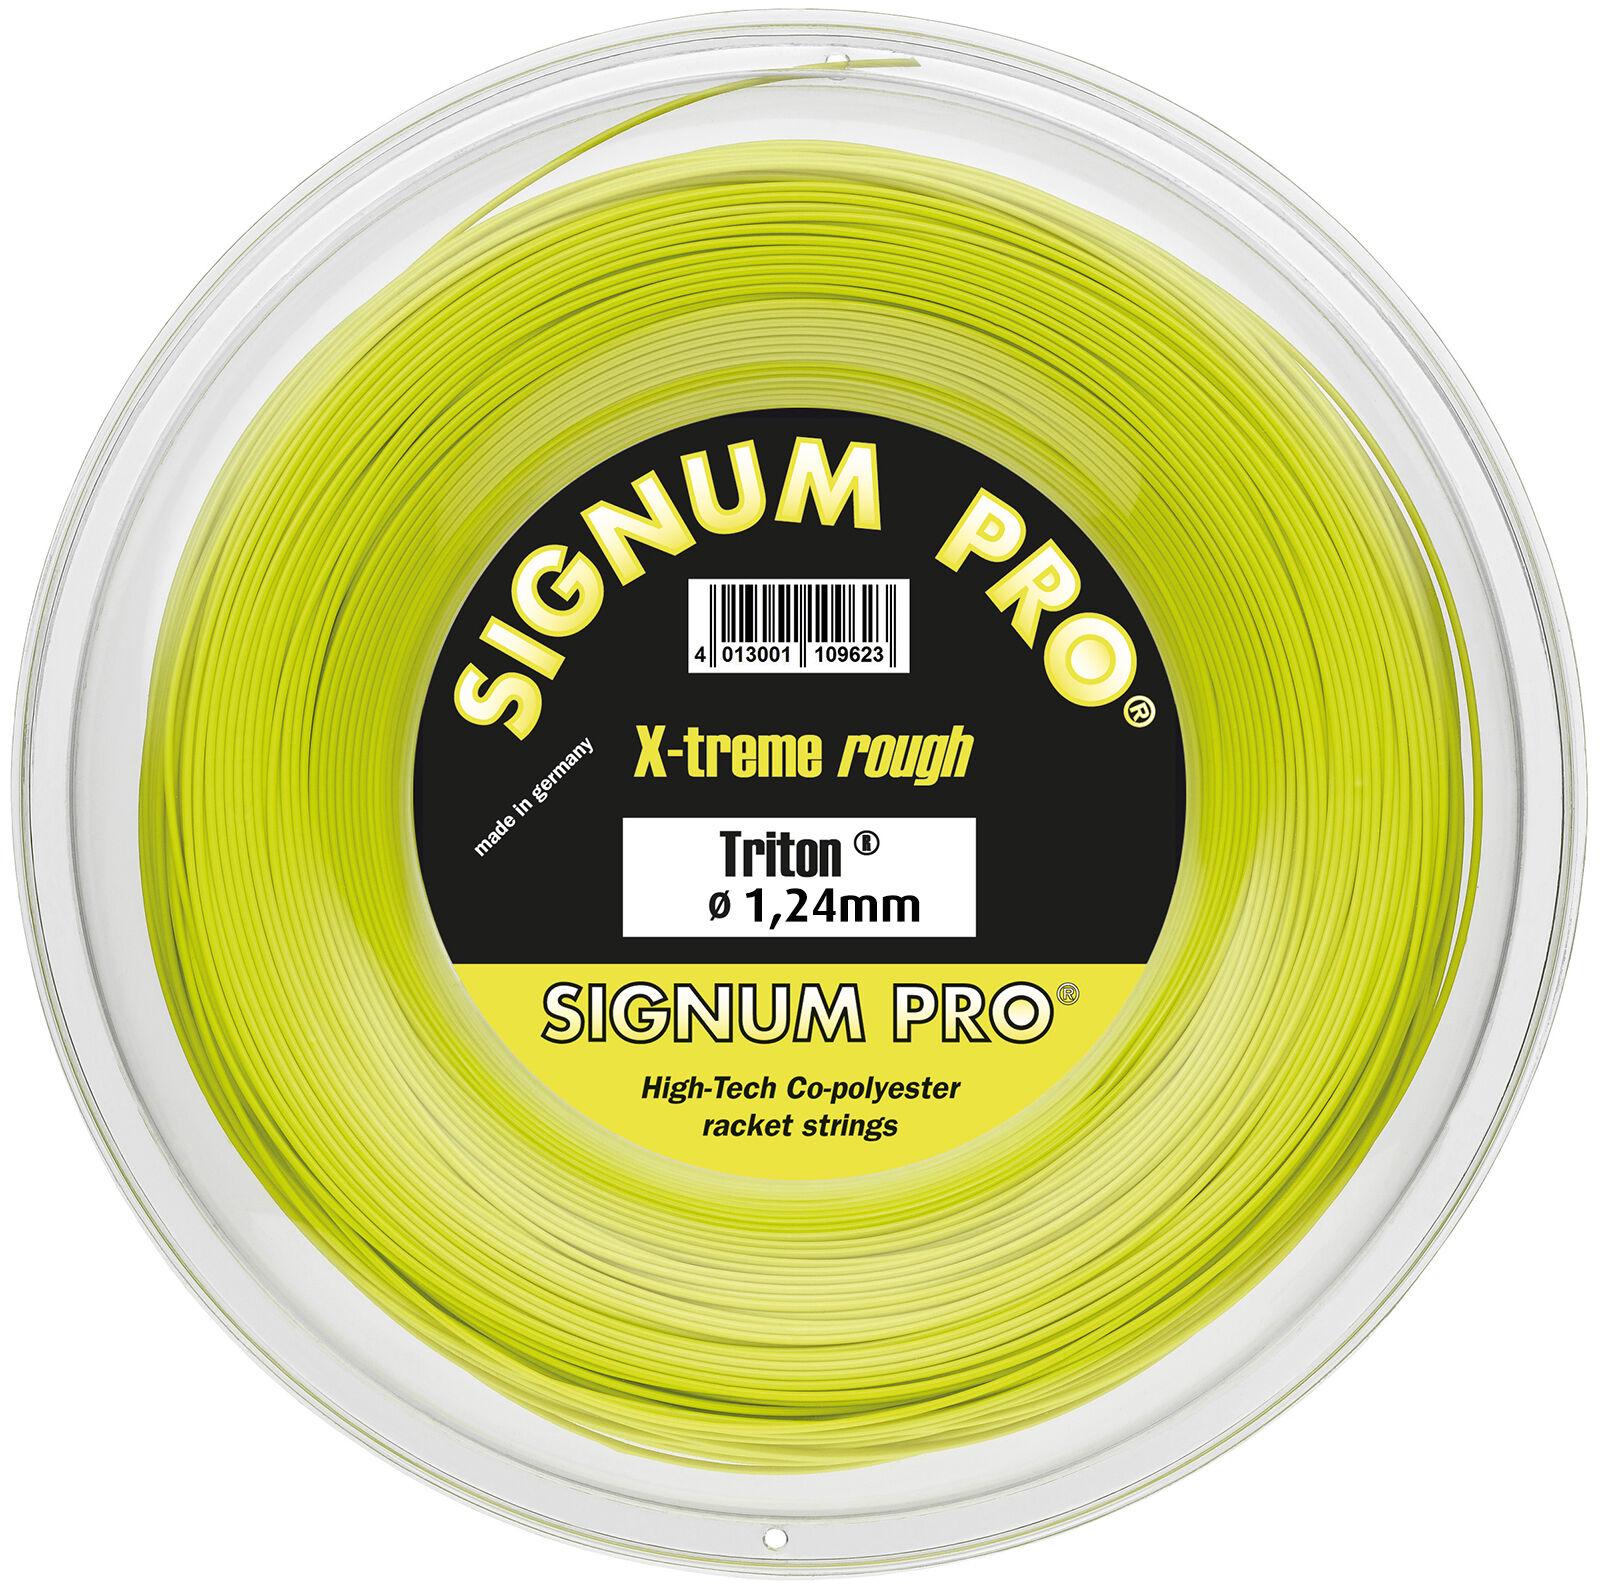 SIGNUM Pro Triton - 1,24mm - 200 200 200 metri di ruolo 9decc9